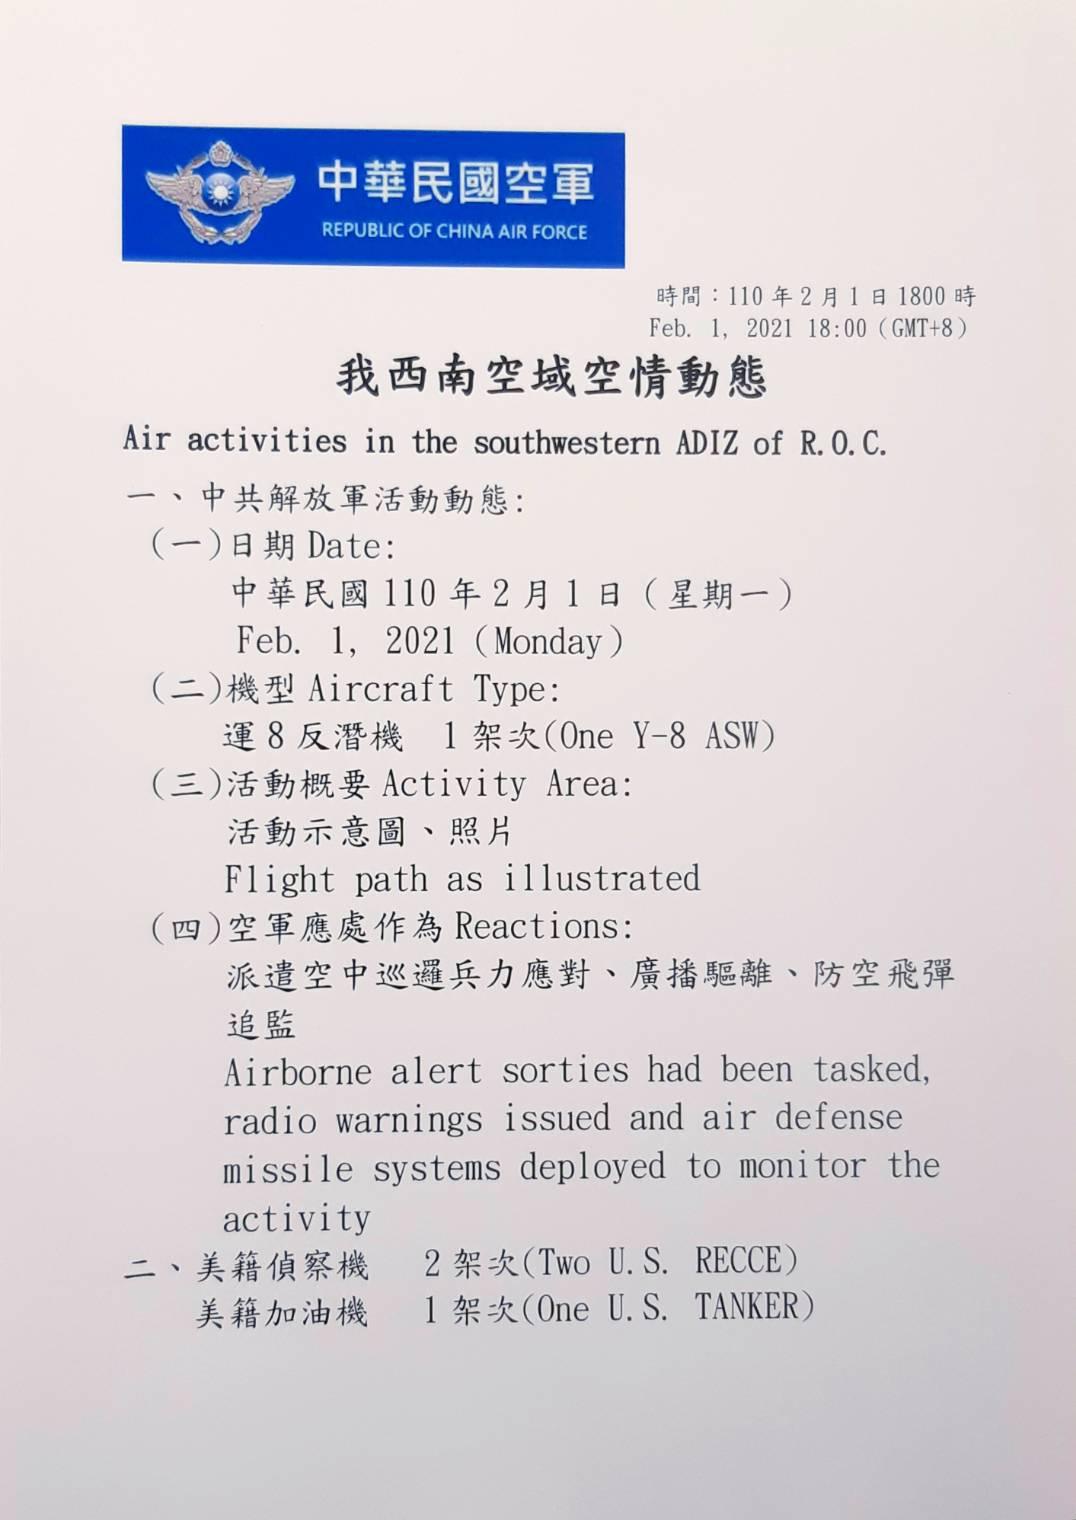 台湾空军二月一日公布的台湾西南空域空情动态,美军机三架次,解放军机一架次。罕见美军机架次多于解放军机架次。(国防部提供)